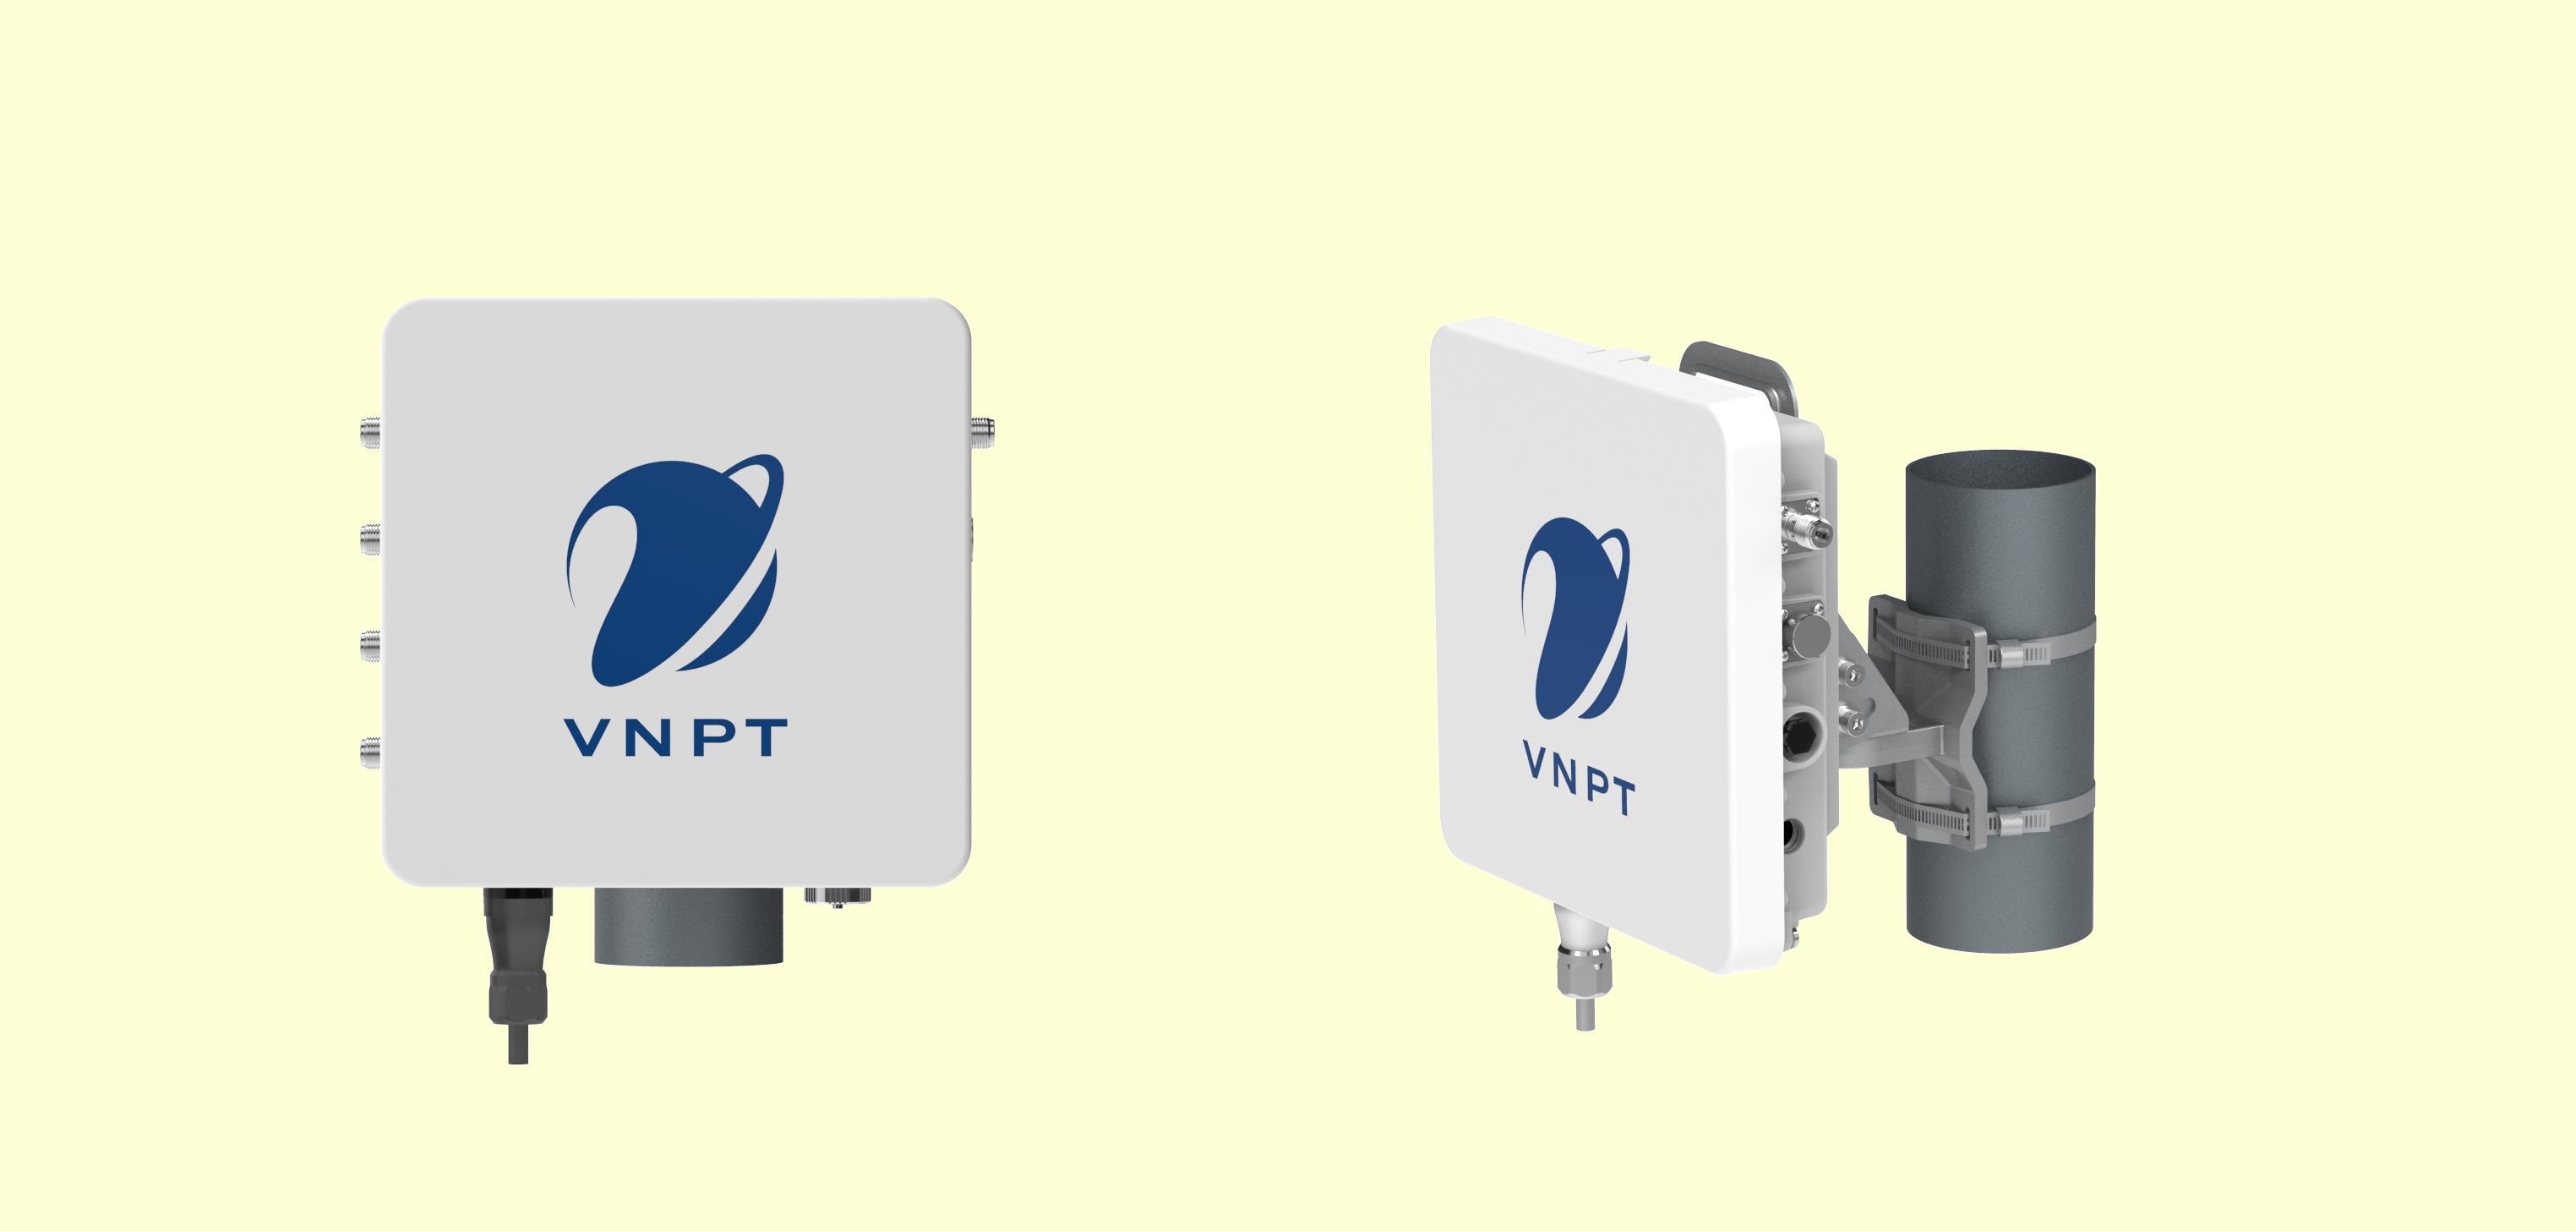 Mẫu thiết bị trạm gốc đa công nghệ | Ảnh: VNPT Technology